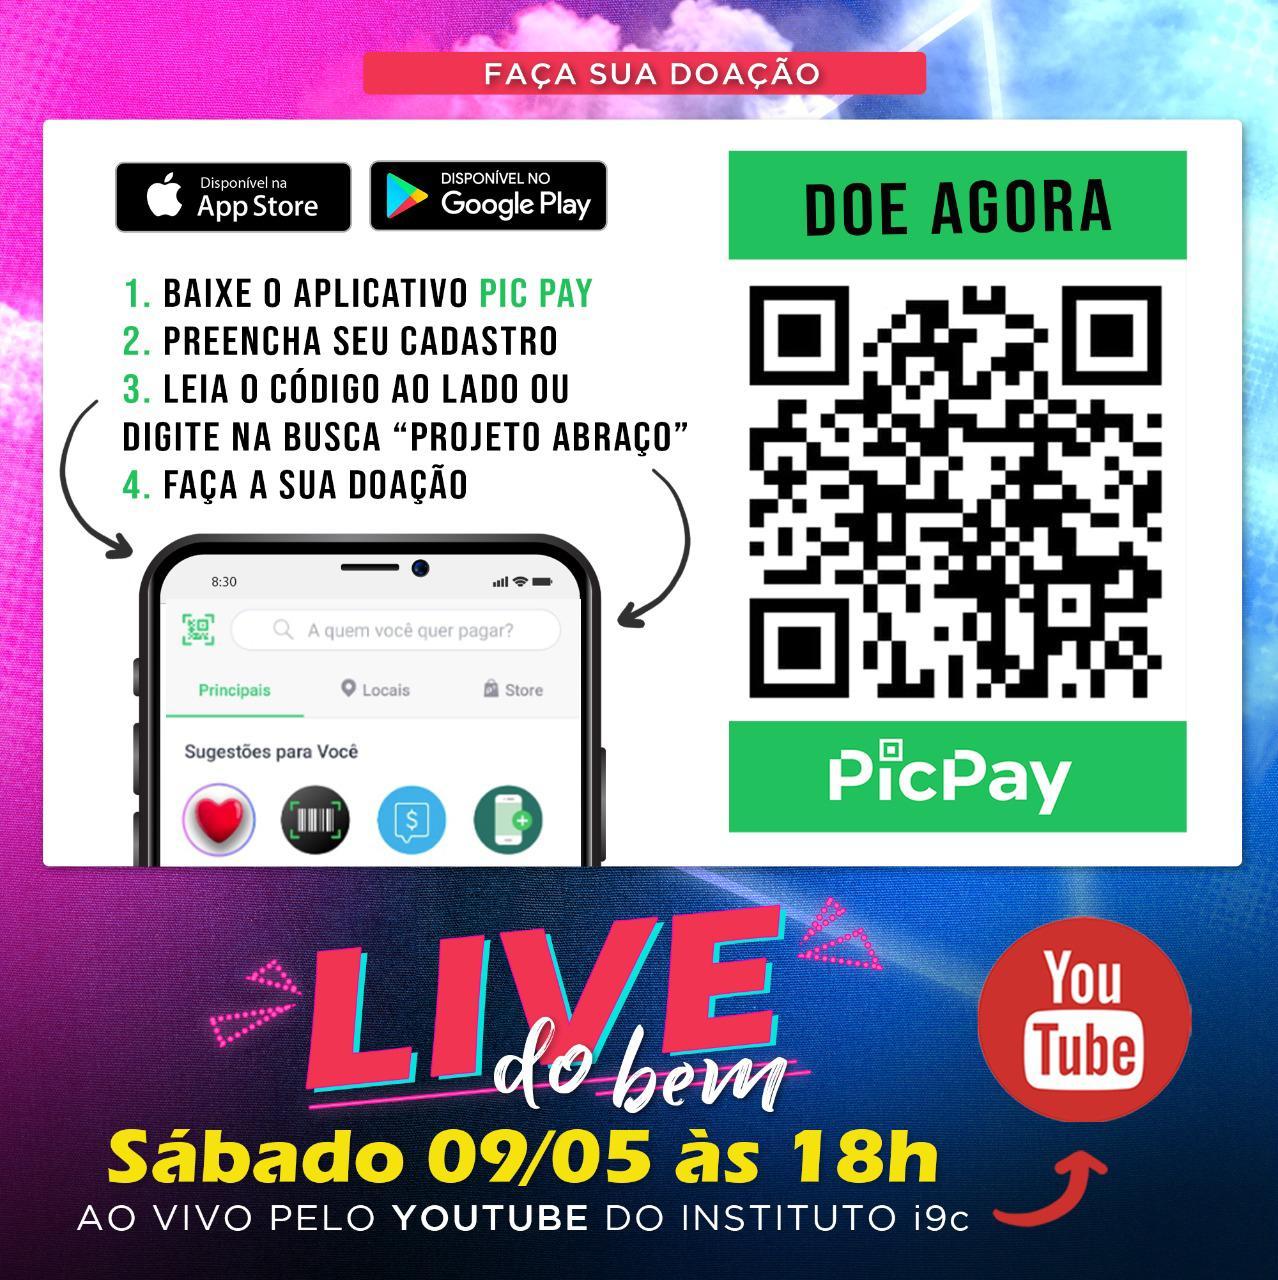 WhatsApp Image 2020-05-04 at 10.19.45 (3)